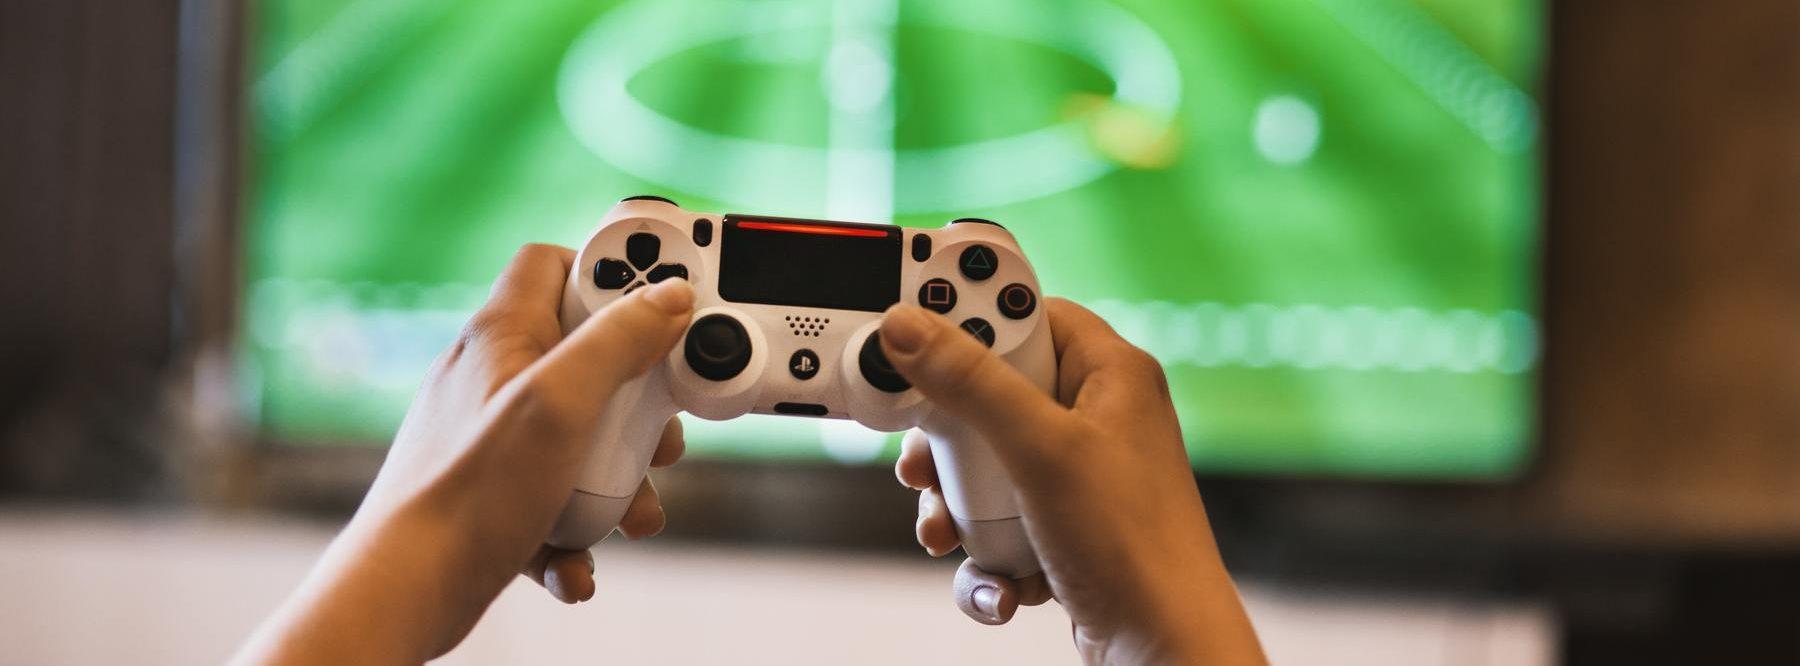 Jugar a videojuegos: una forma efectiva de combatir el estrés